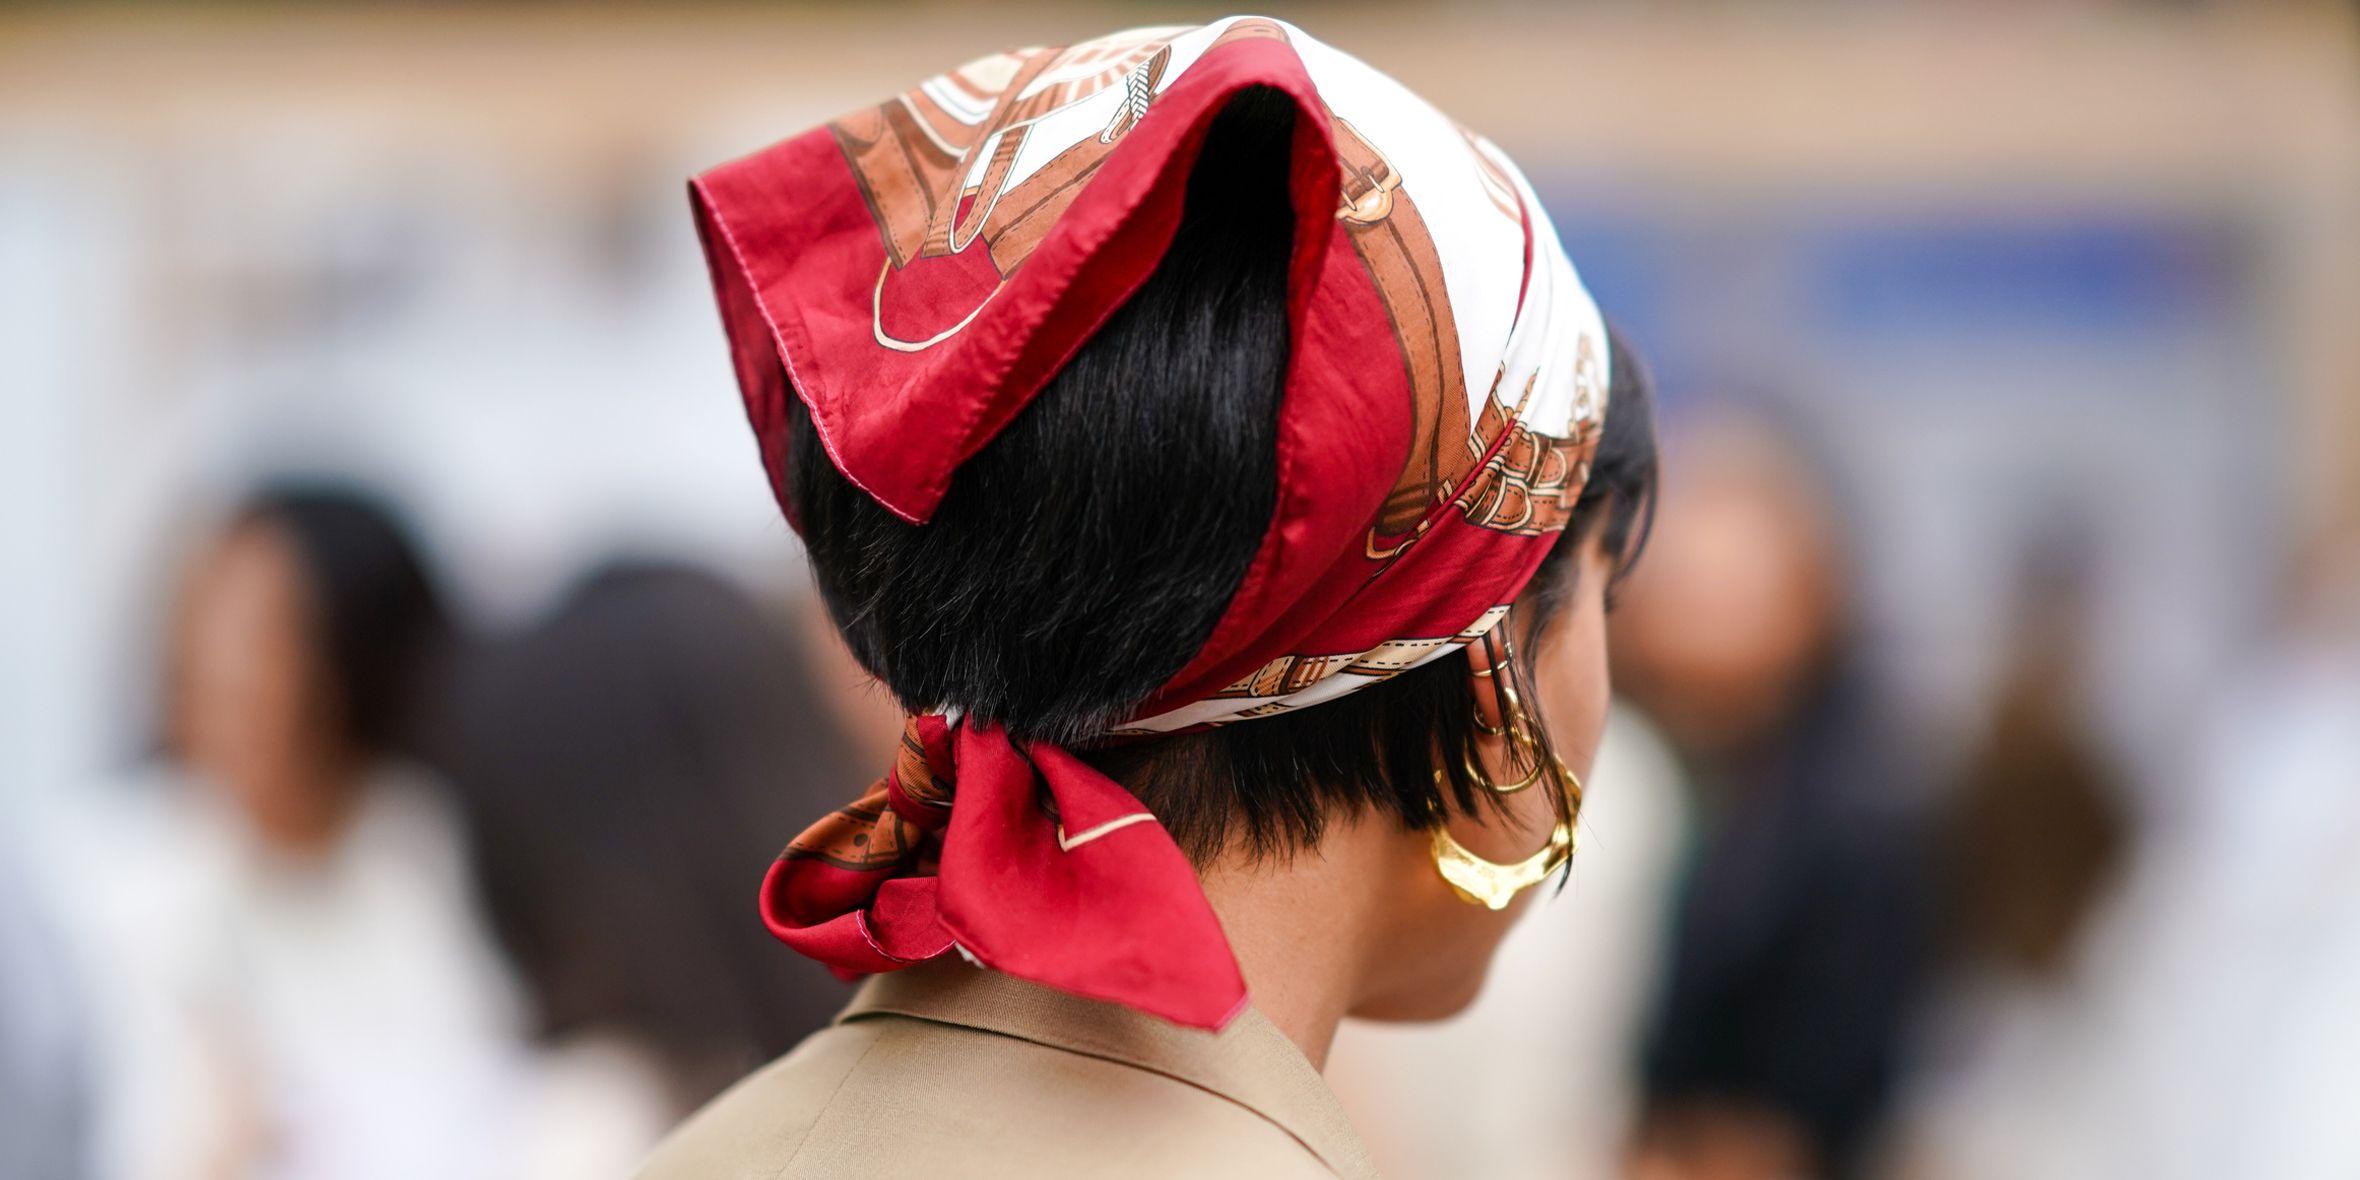 Con gli accessori per capelli 2019 le idee non mancano: eccone tre velocissime anche se hai un pixie cut